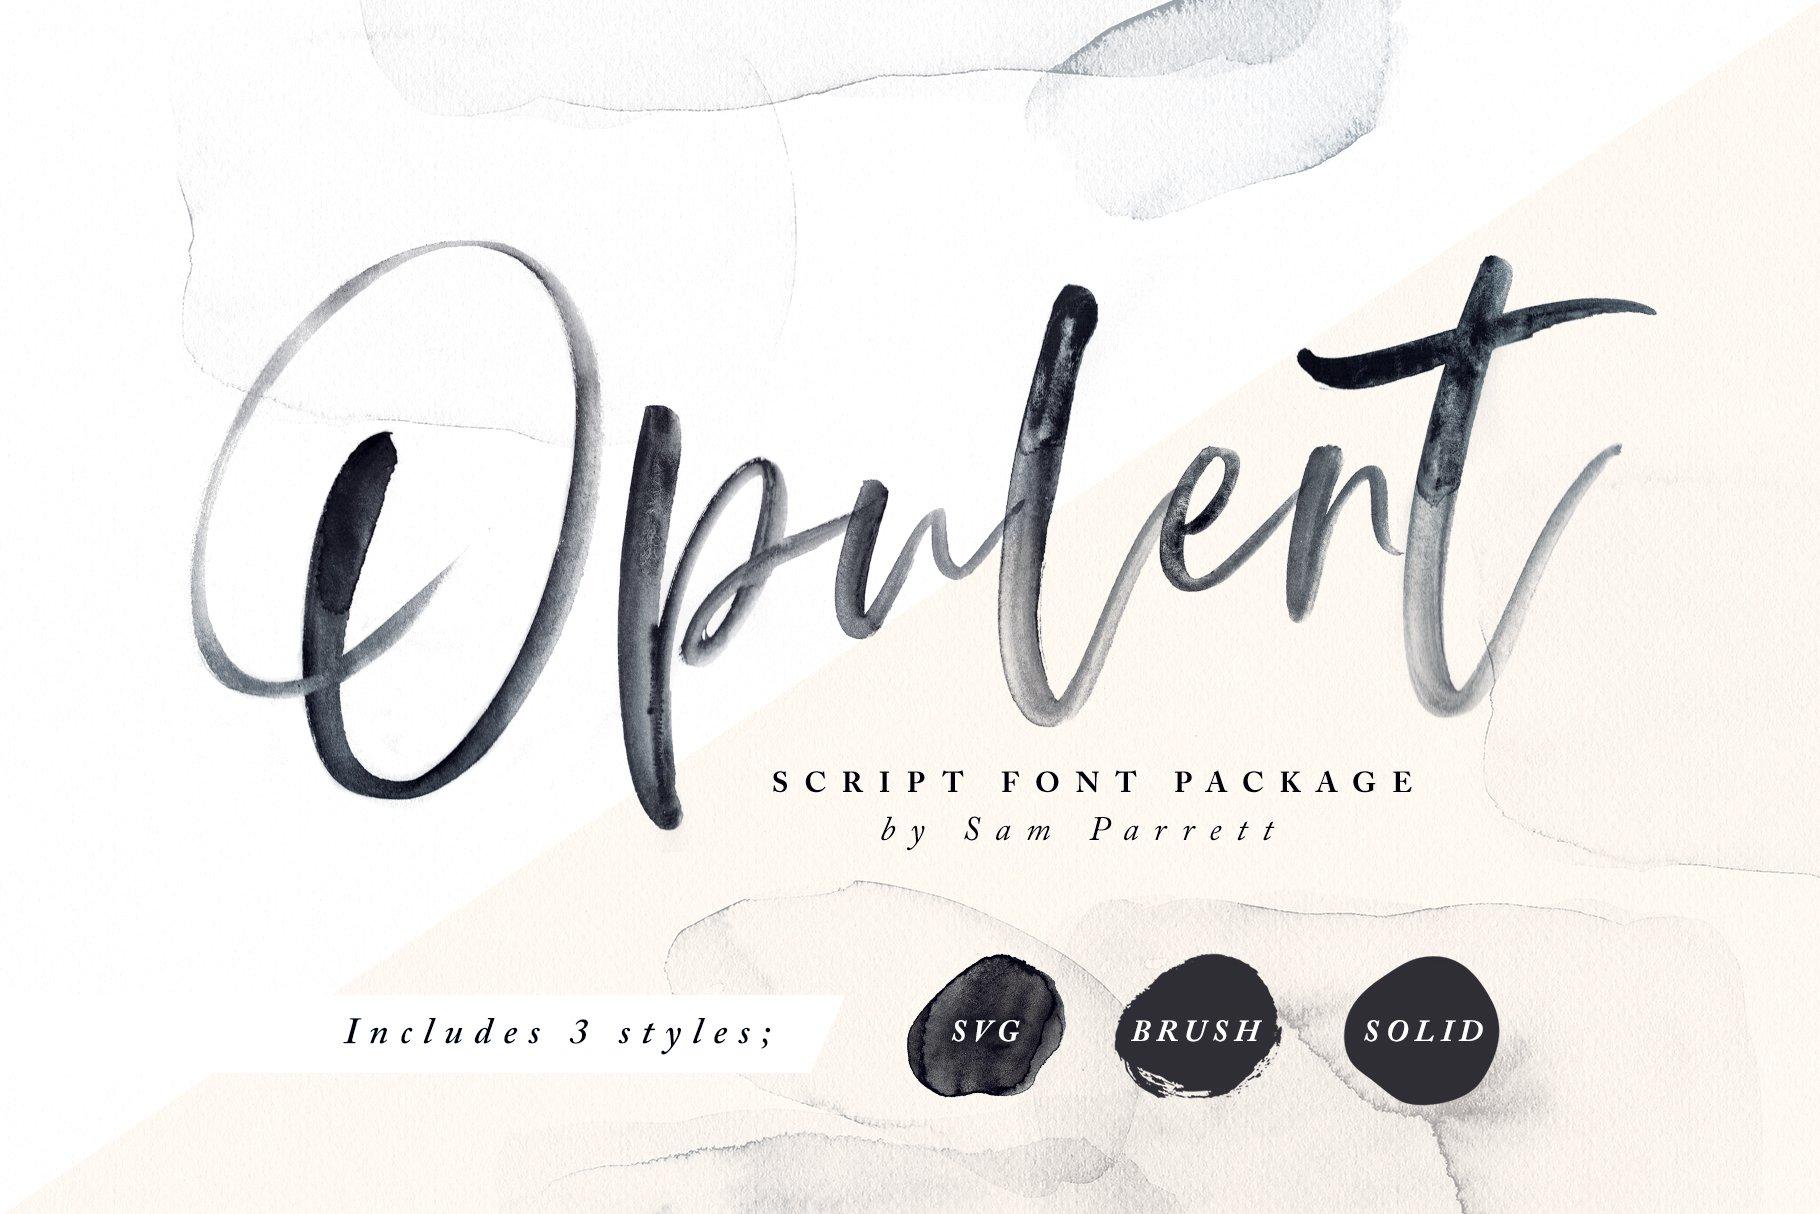 opulent font svg script fonts creative market